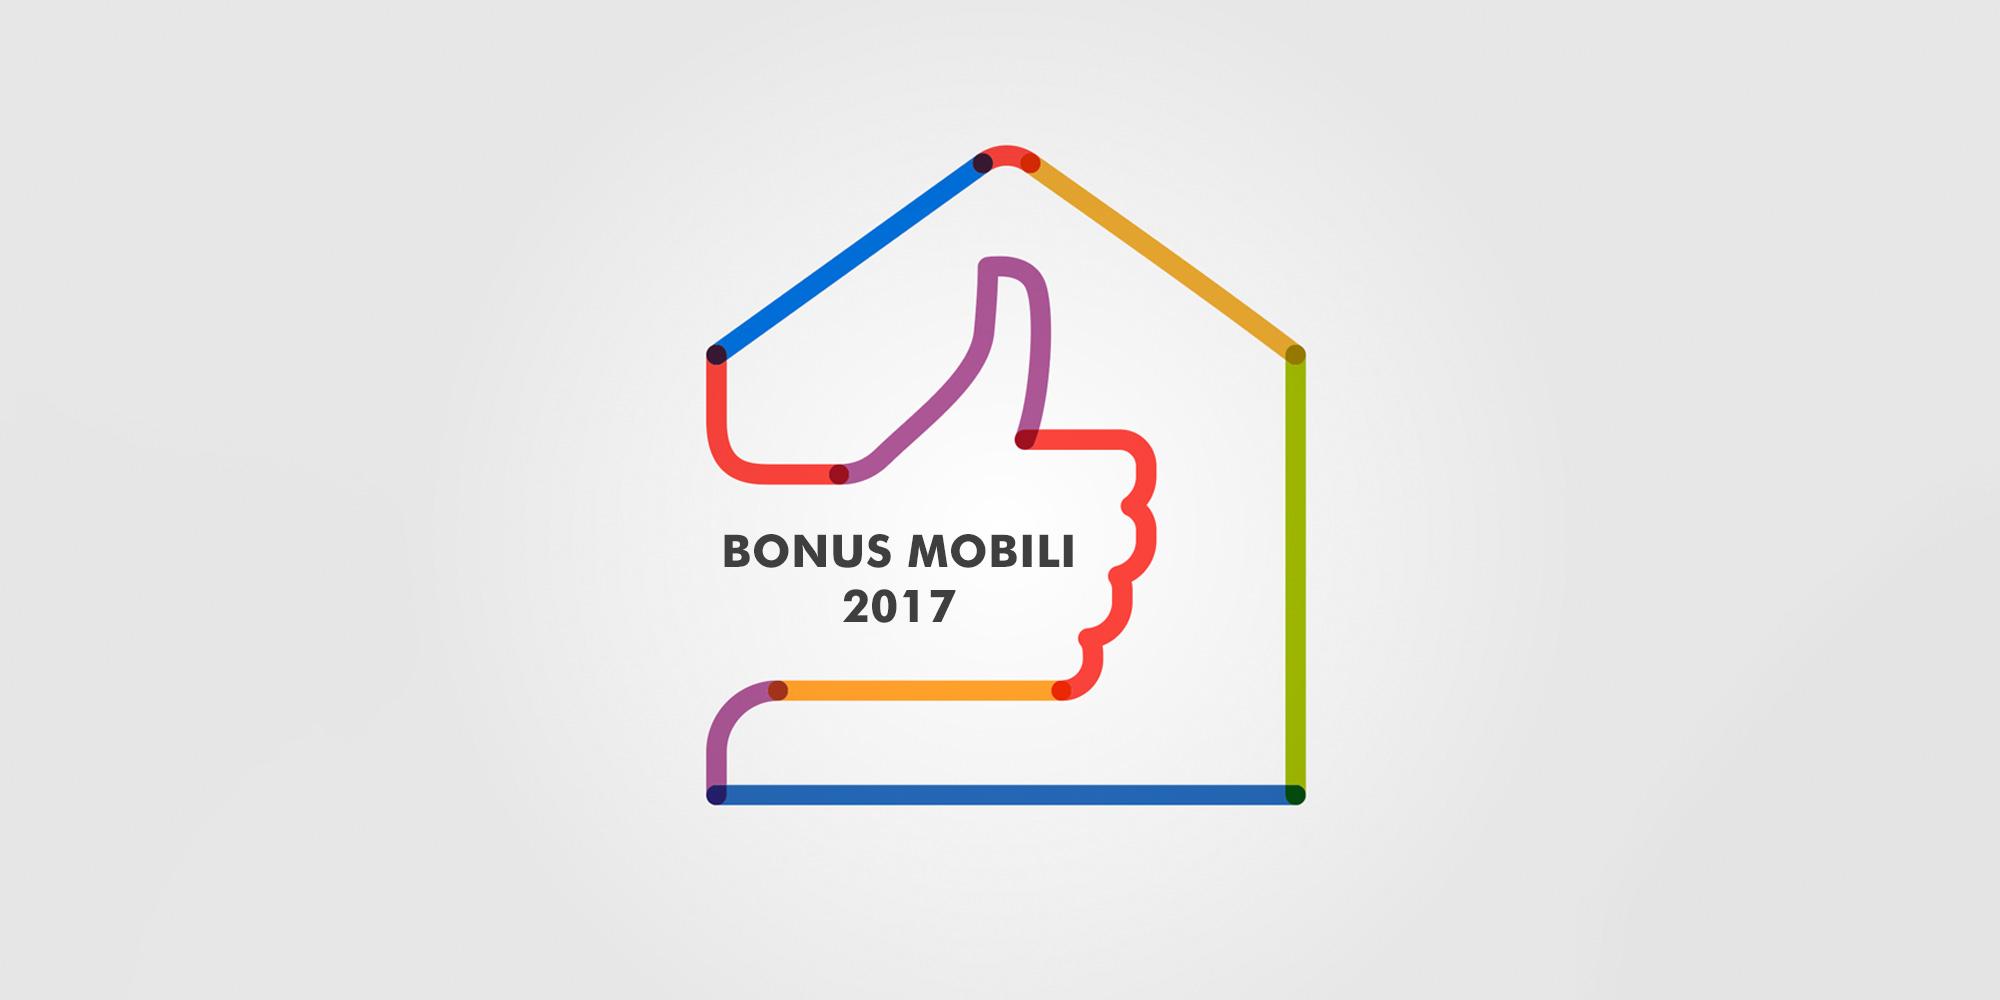 Agevolazioni fiscali per l 39 arredamento bonus mobili e for Detrazione arredi 2017